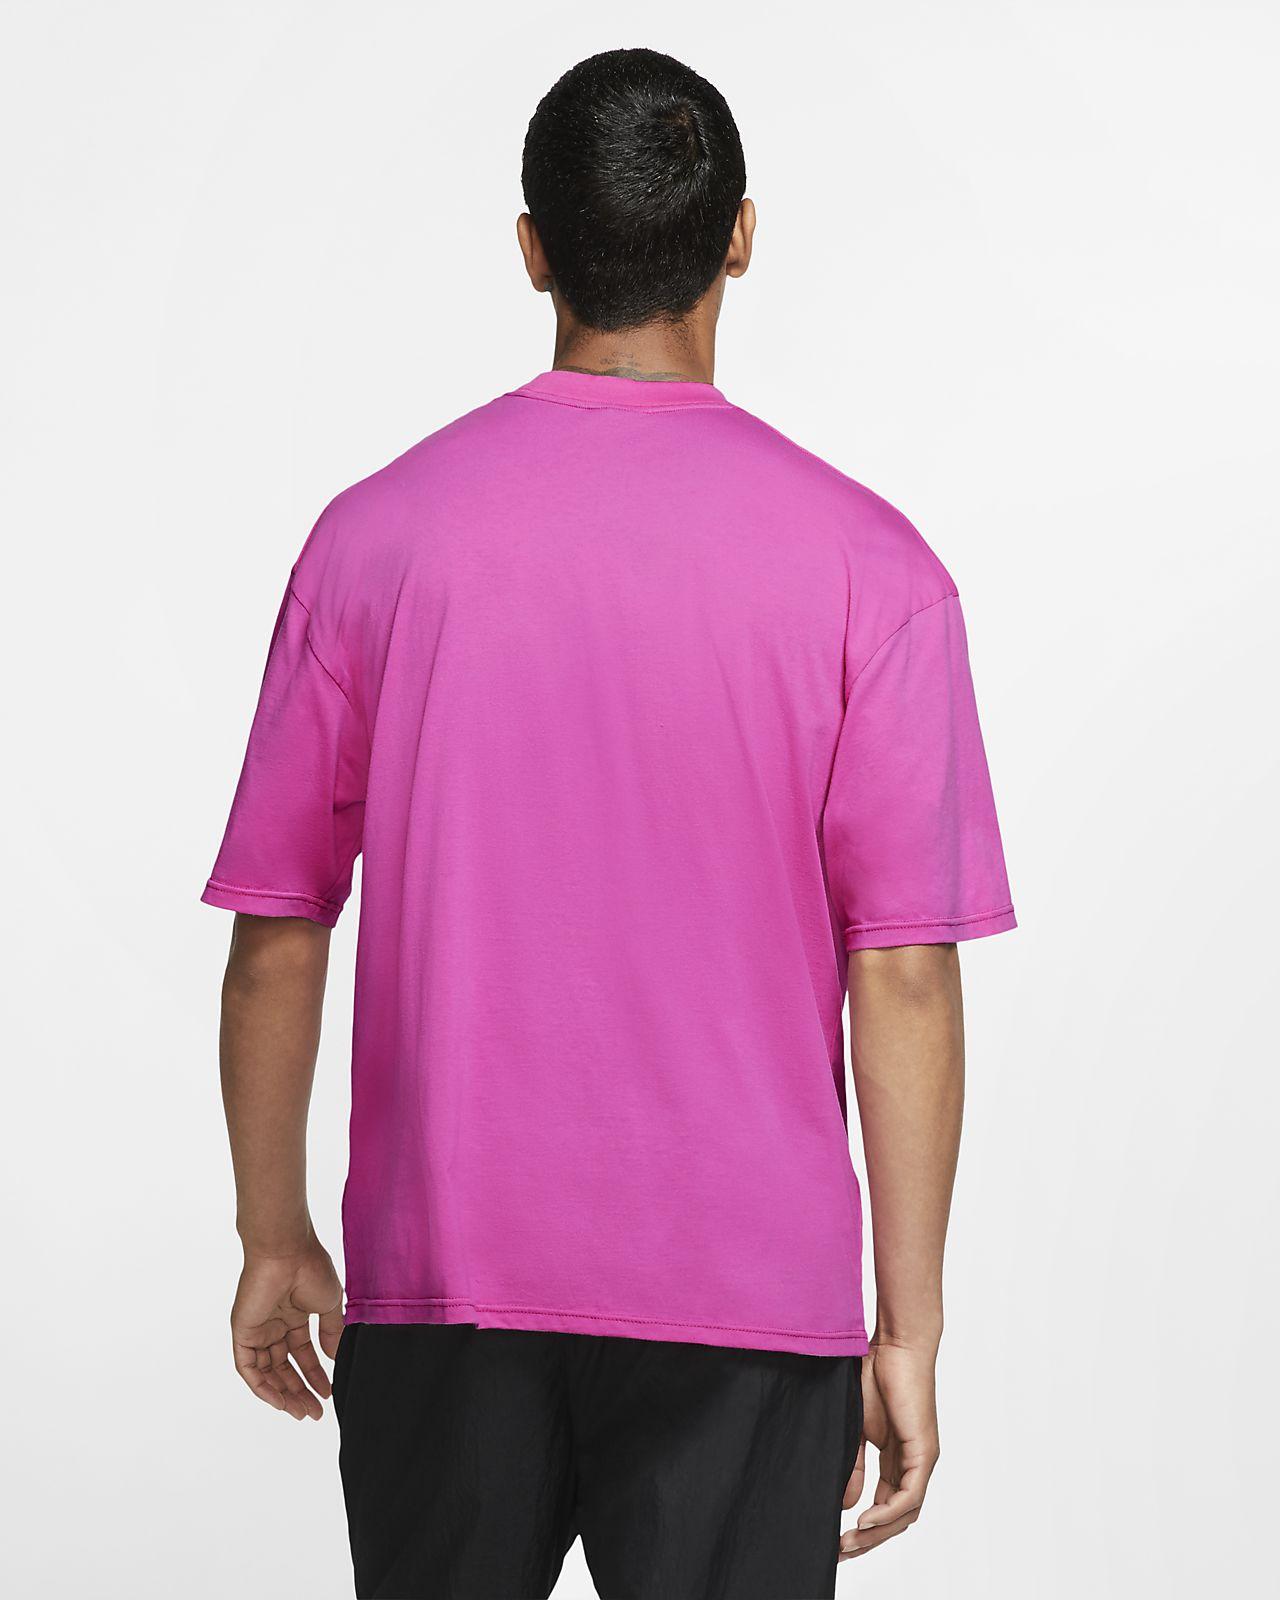 Nike Boxy Short-Sleeve T-Shirt